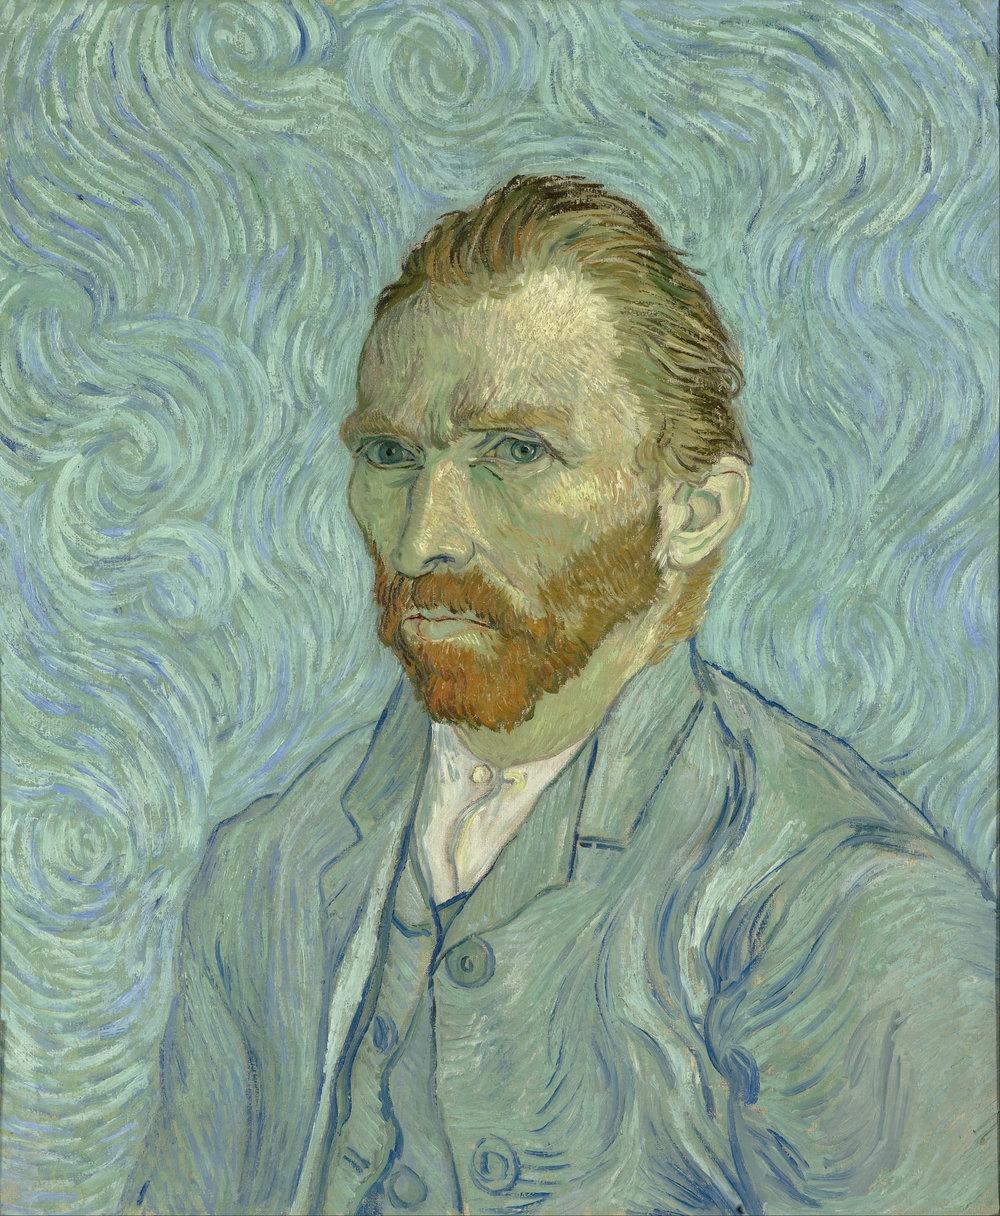 Vincent van Gogh - 1853-1890